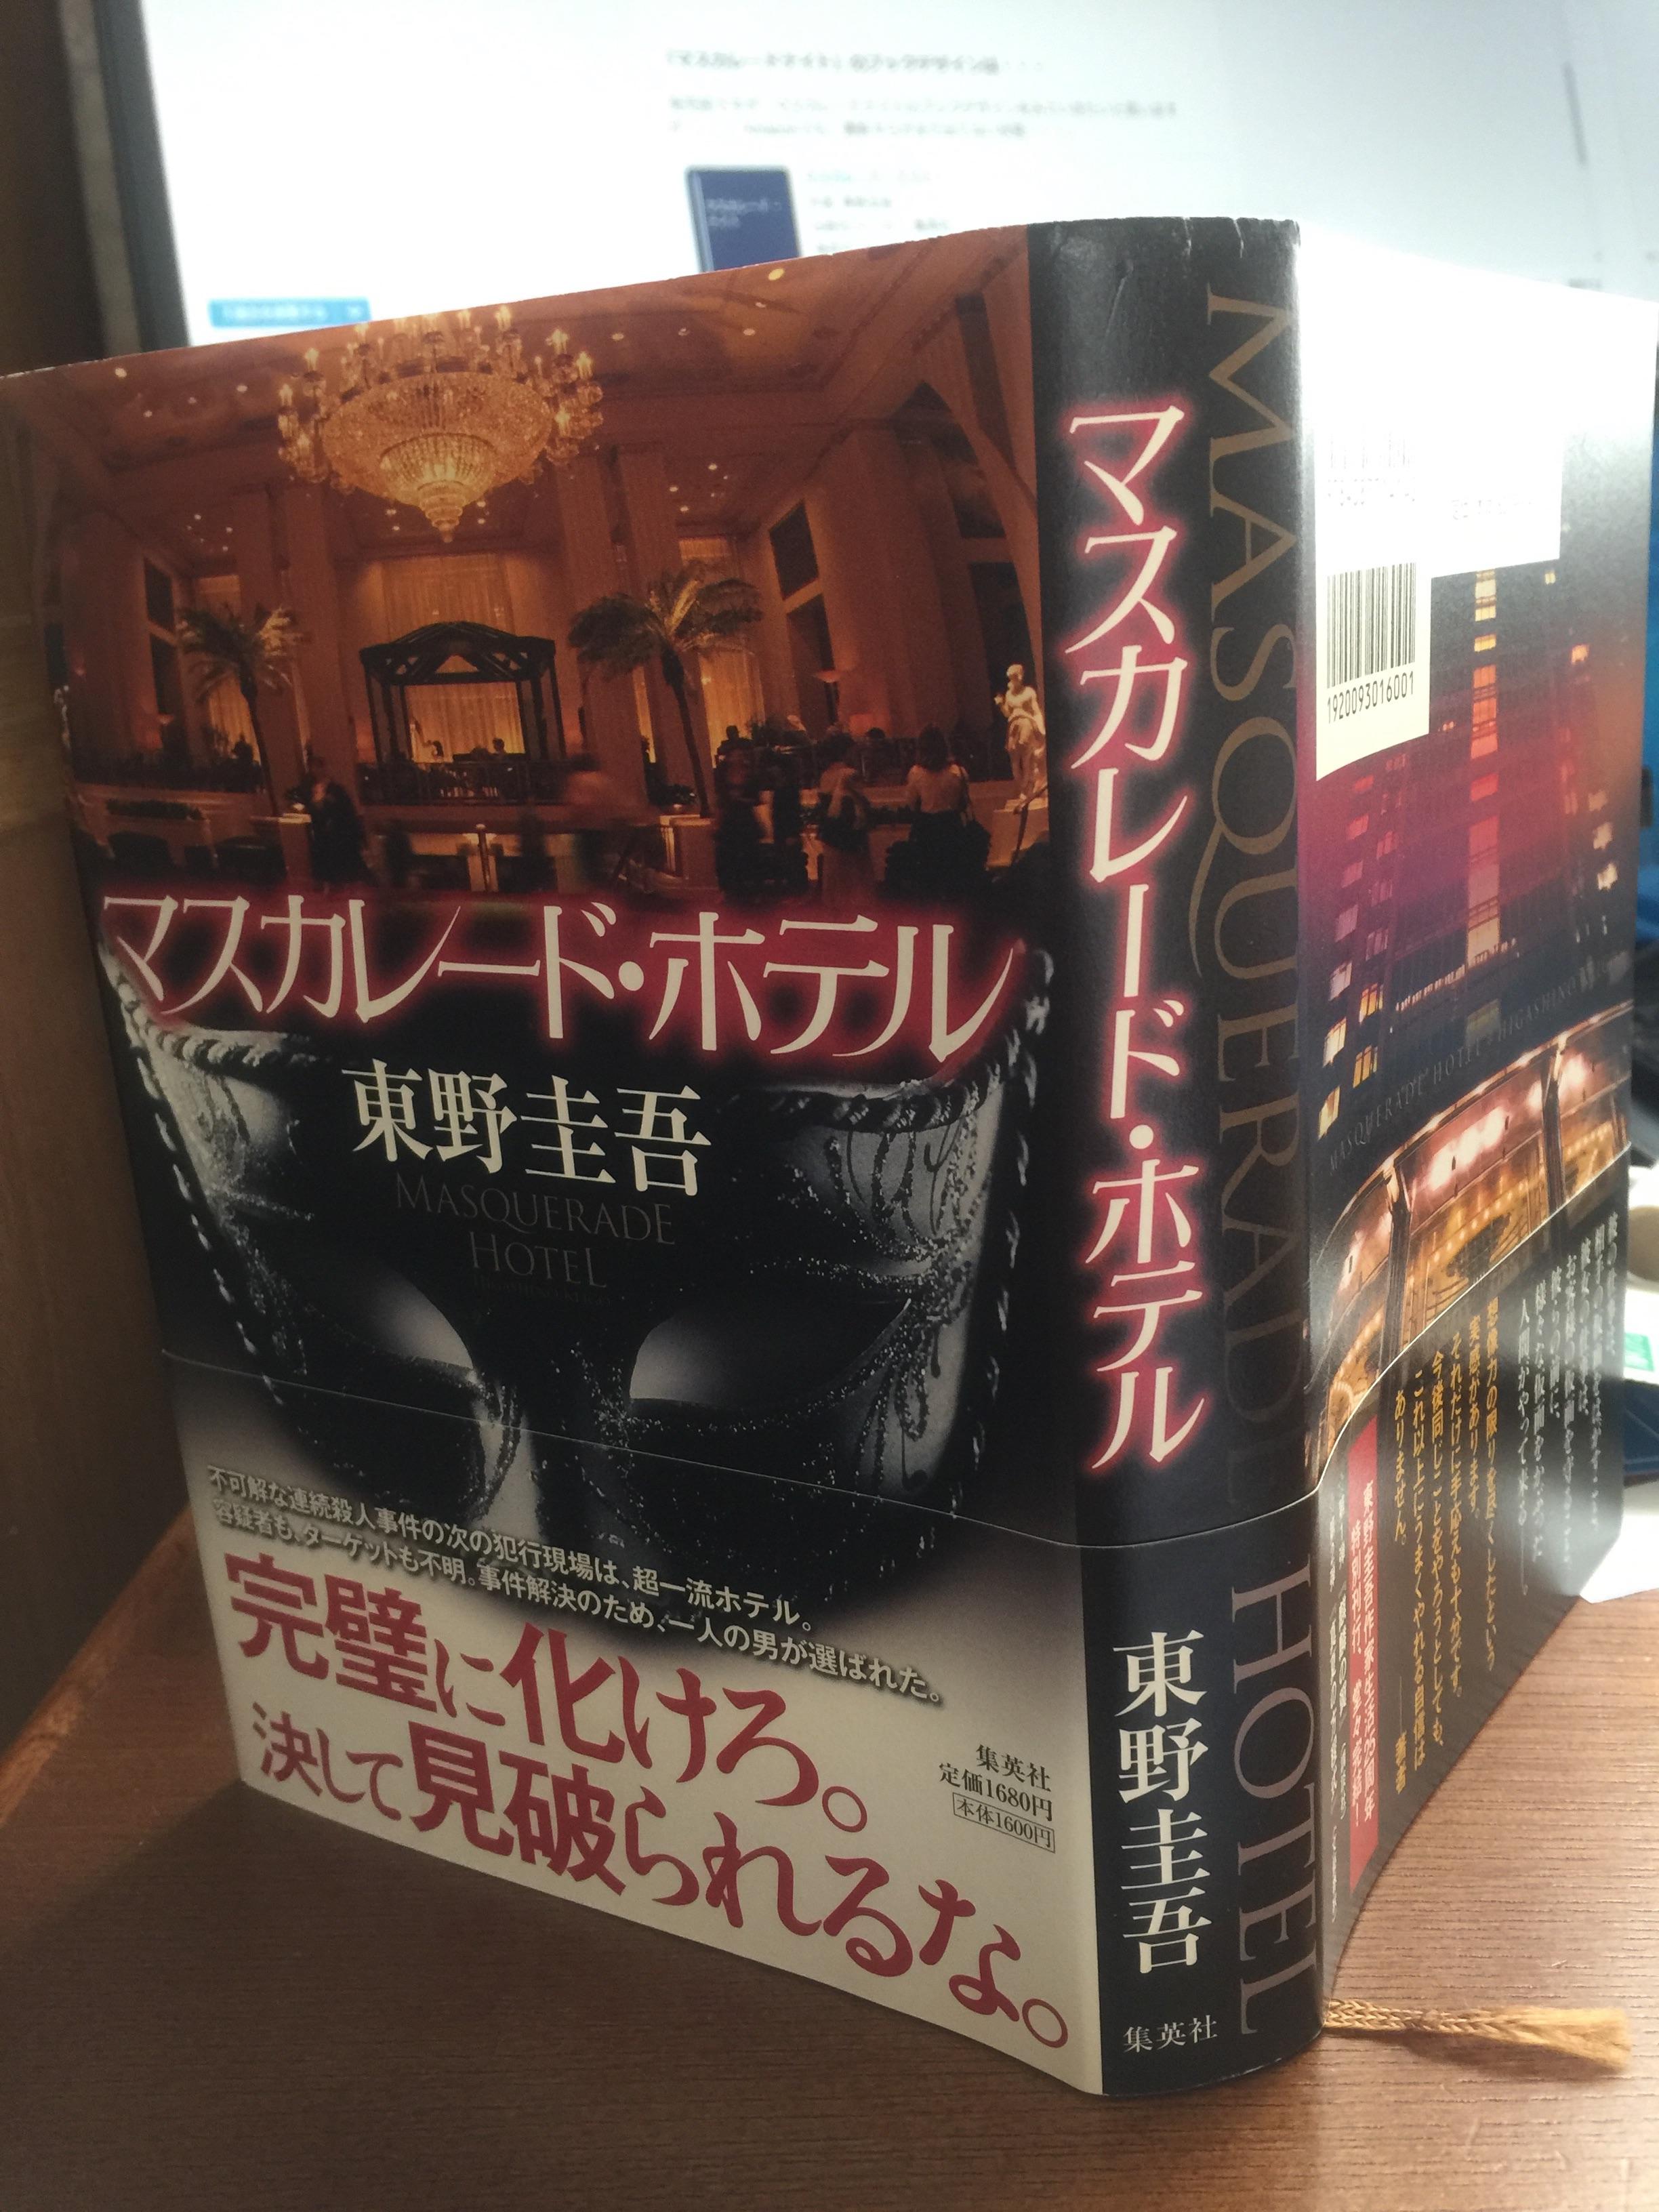 『マスカレードホテル』 東野圭吾